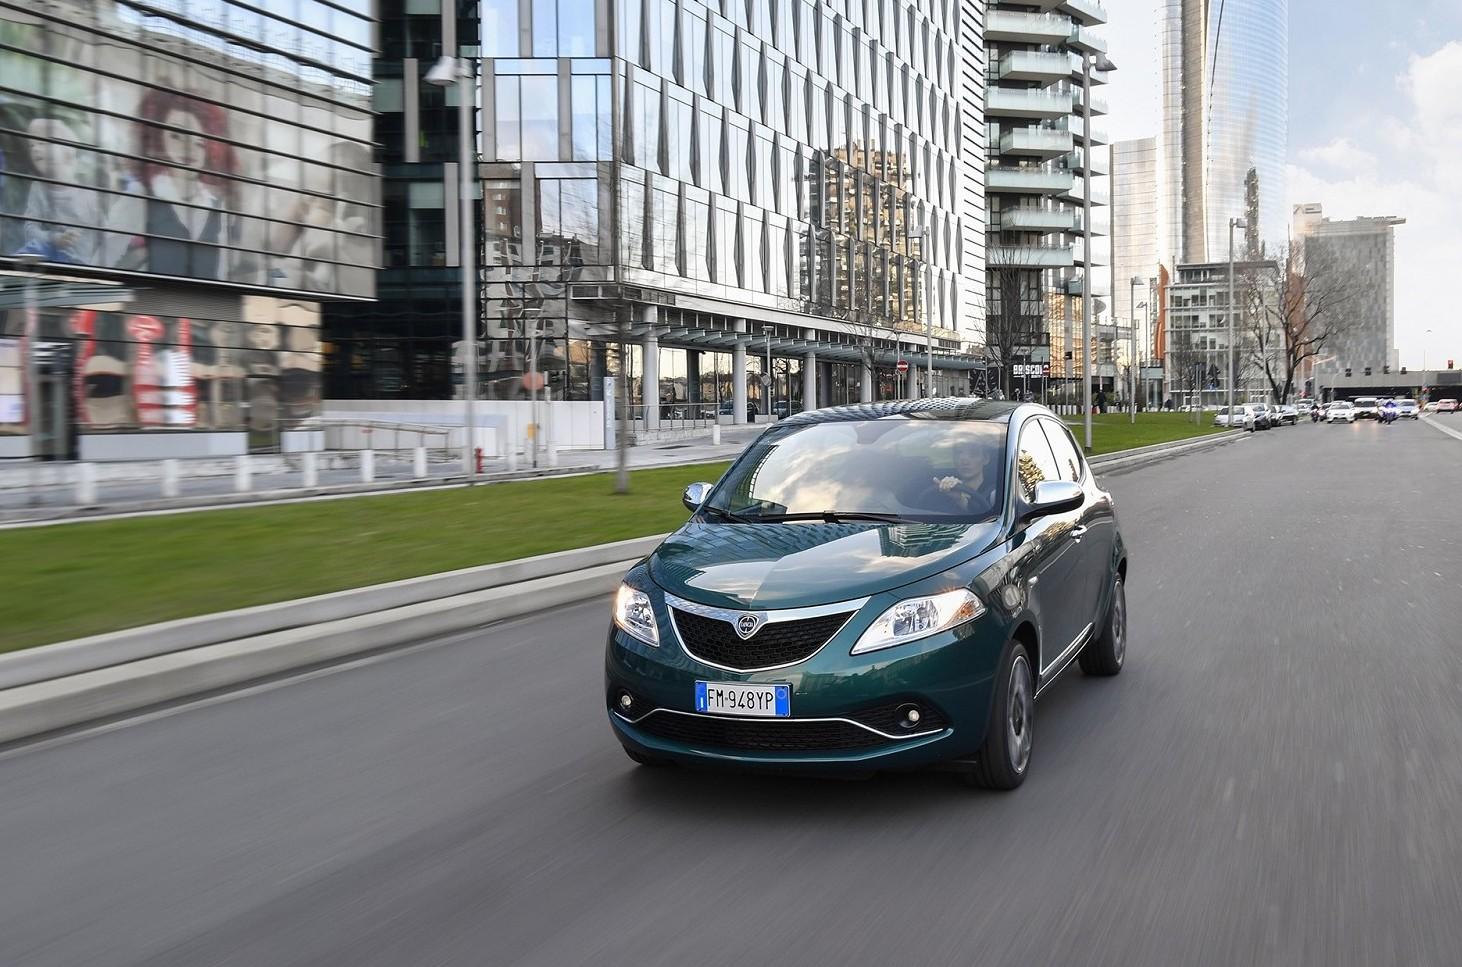 Auto usate 2019 6mila-8mila euro miglior